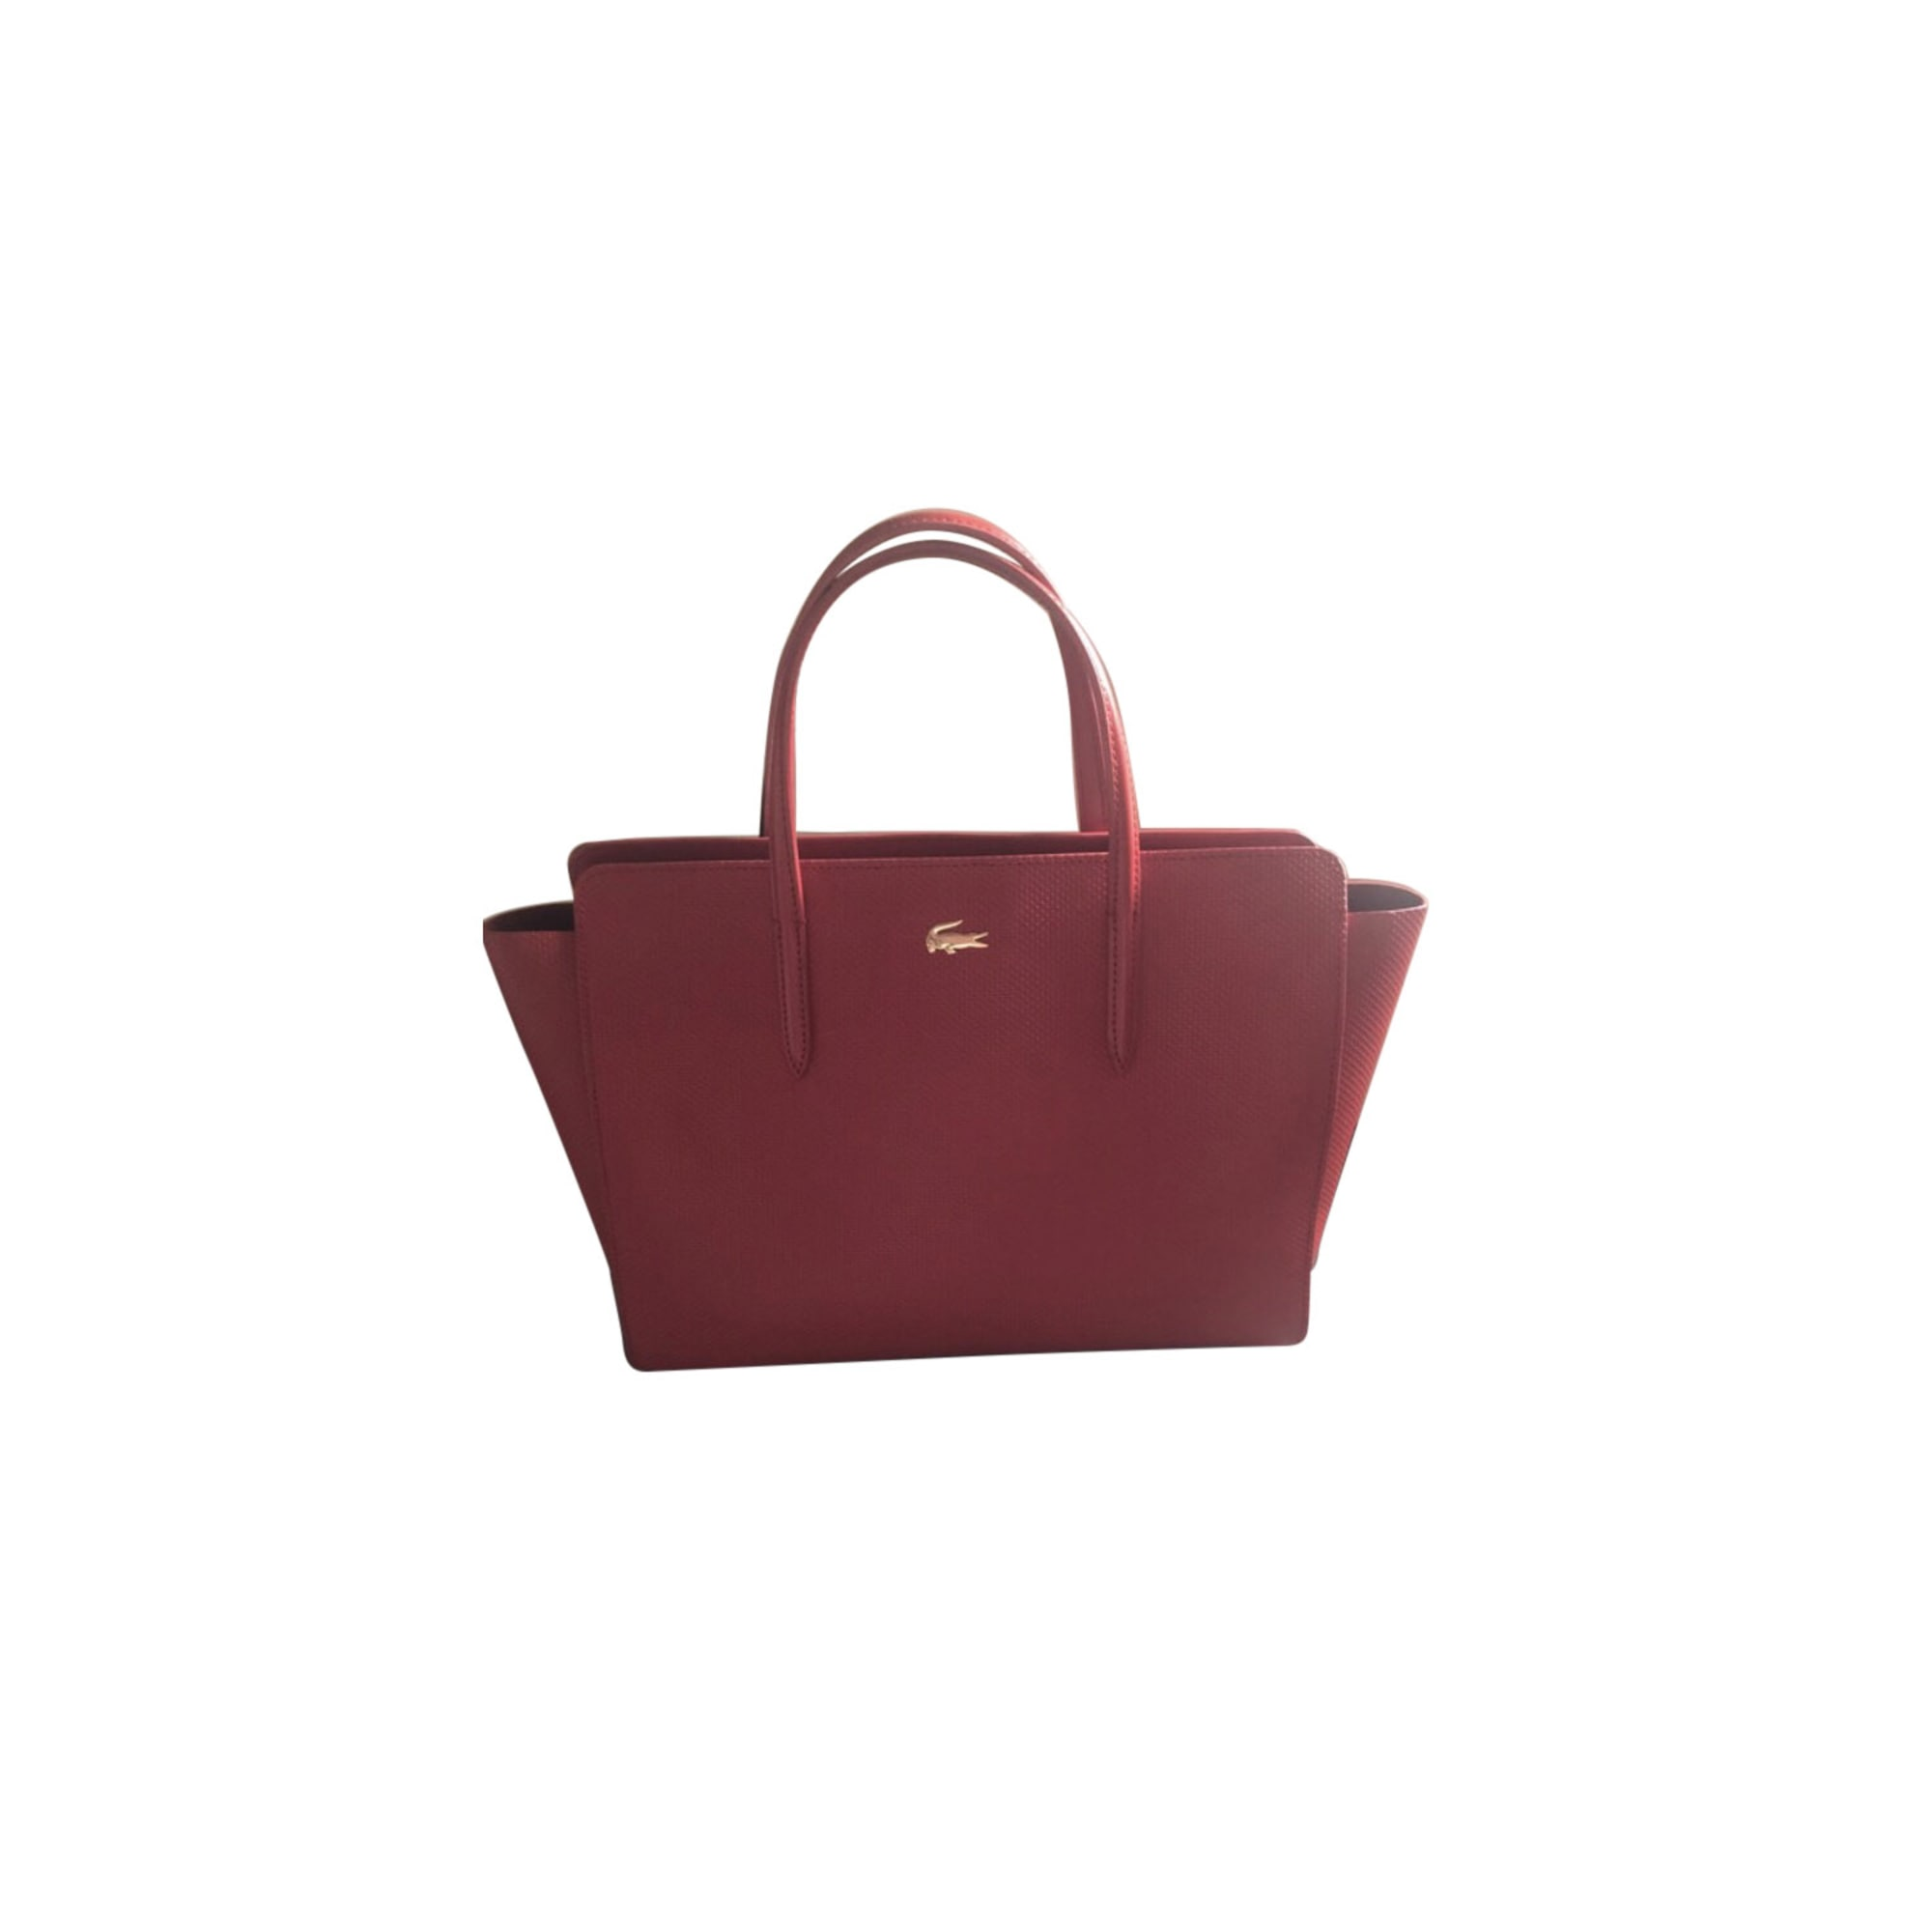 76f08d164e Sac à main en cuir LACOSTE rouge vendu par Miss_so31476 - 7609282